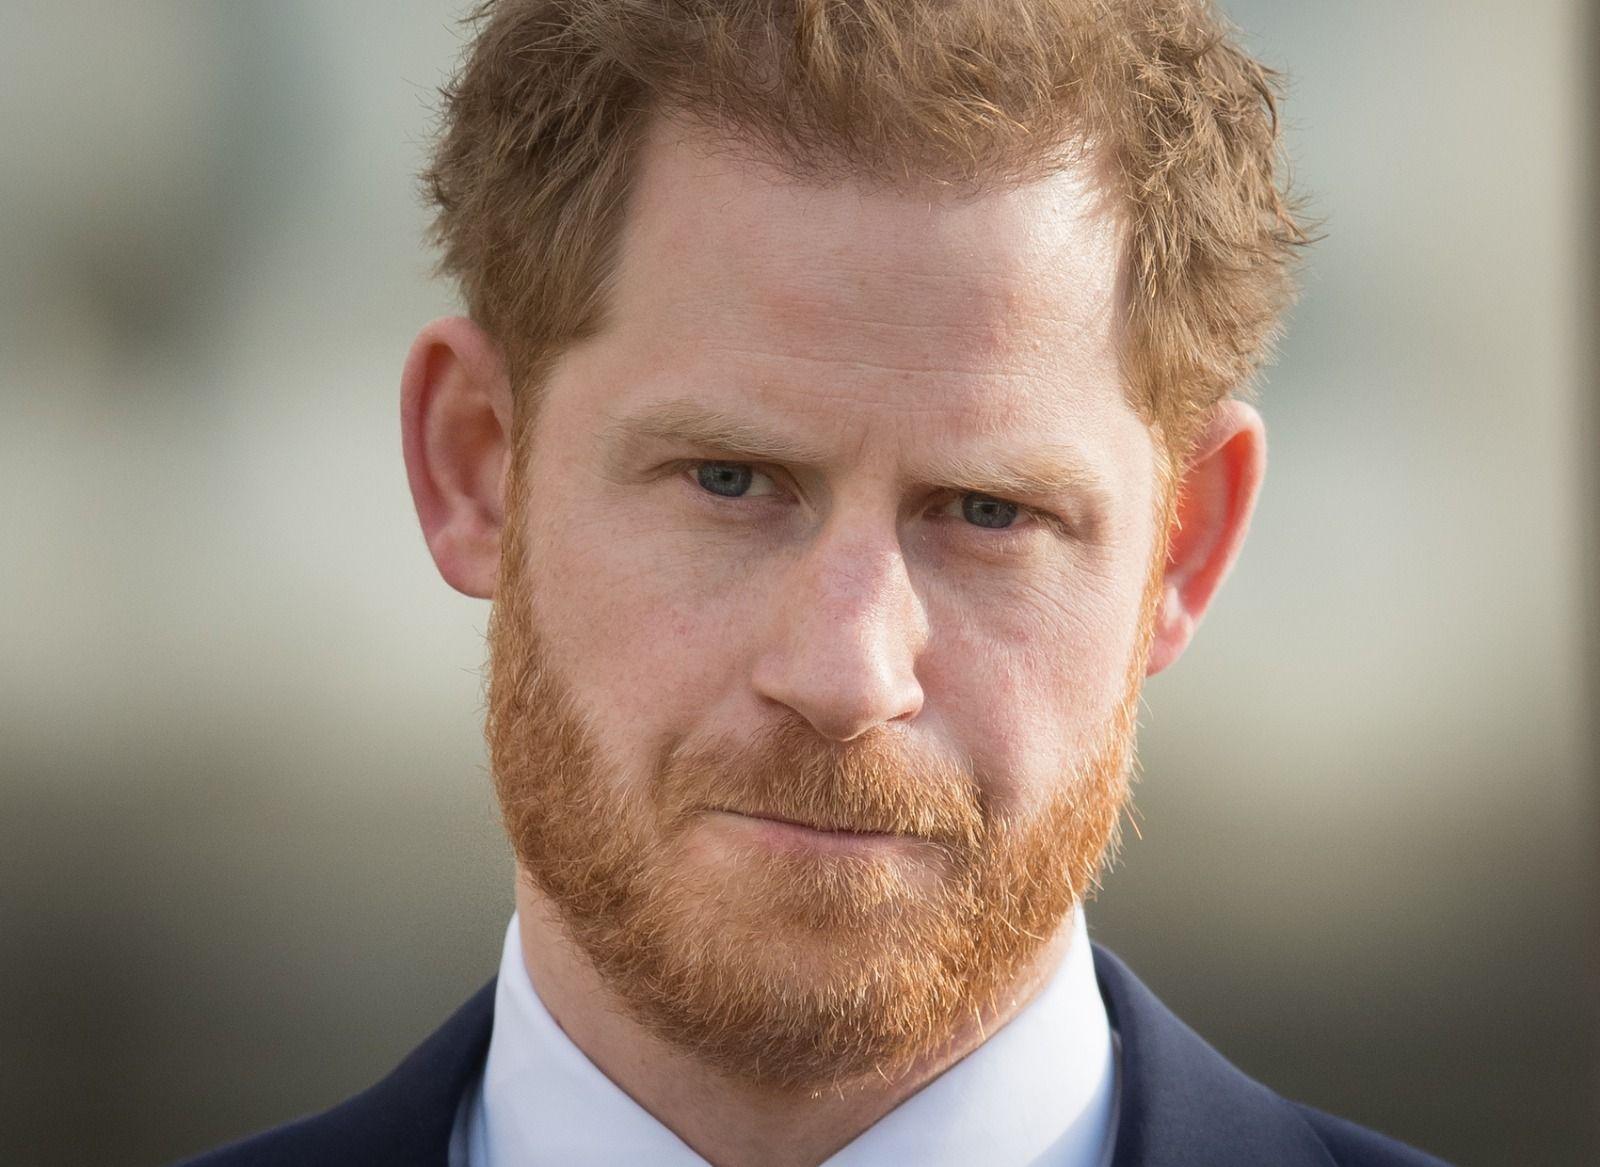 Bufera sul principe Harry, le sue parole sono una coltellata ed è caos nella Royal family